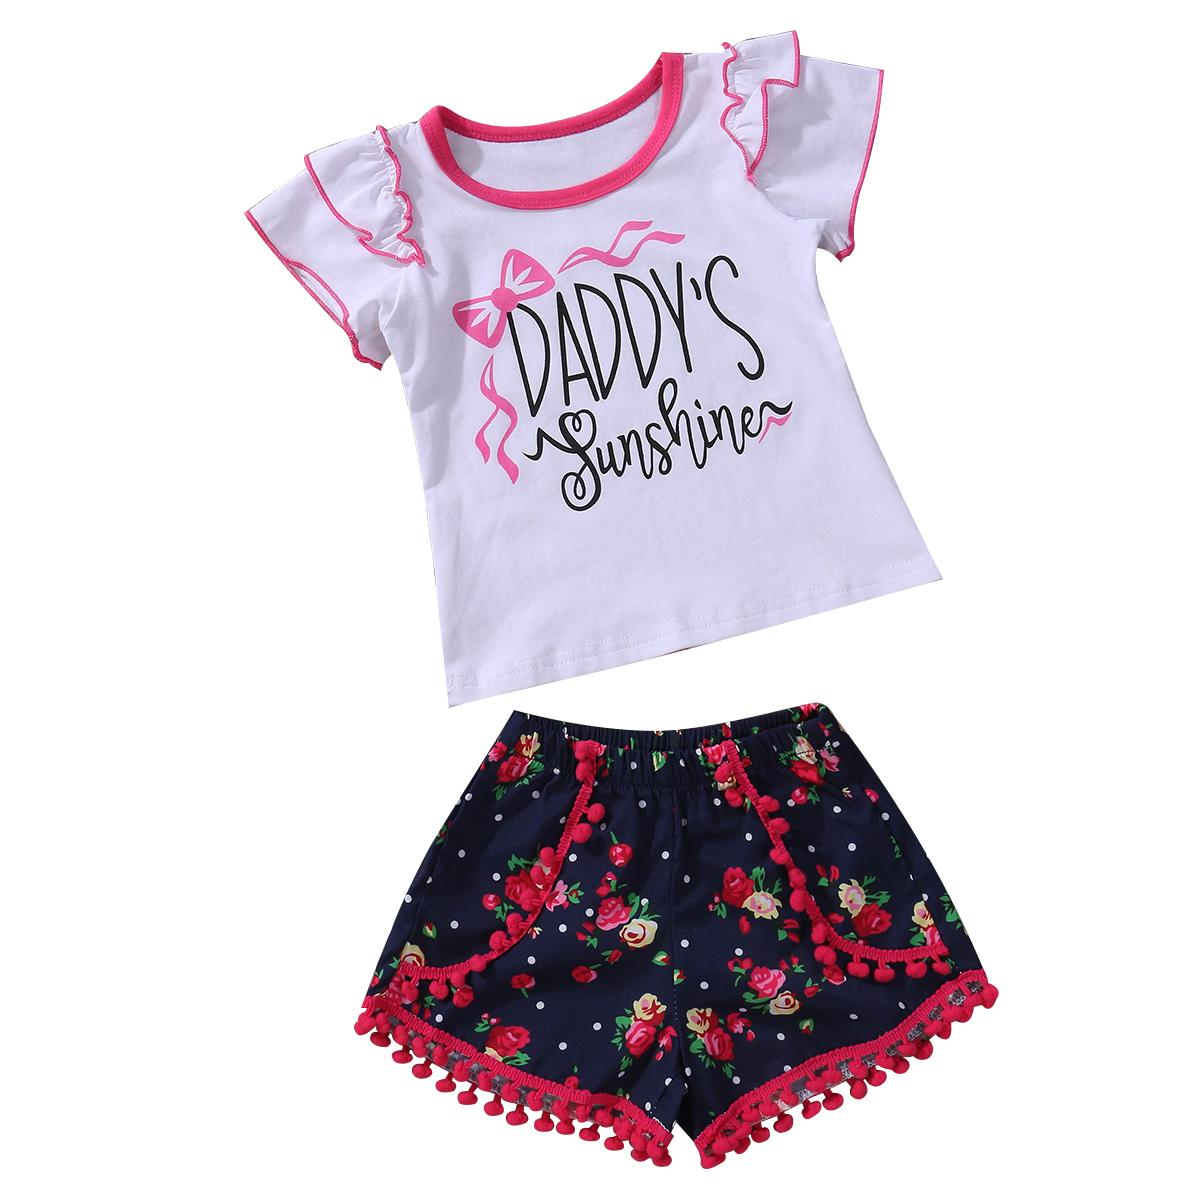 Sevimli Yenidoğan Bebek Kız Giyim Seti Yürüyor Çocuk 2 ADET Kıyafetler Sunshine Çiçek Tops + Püskül Dipleri Giysi Set